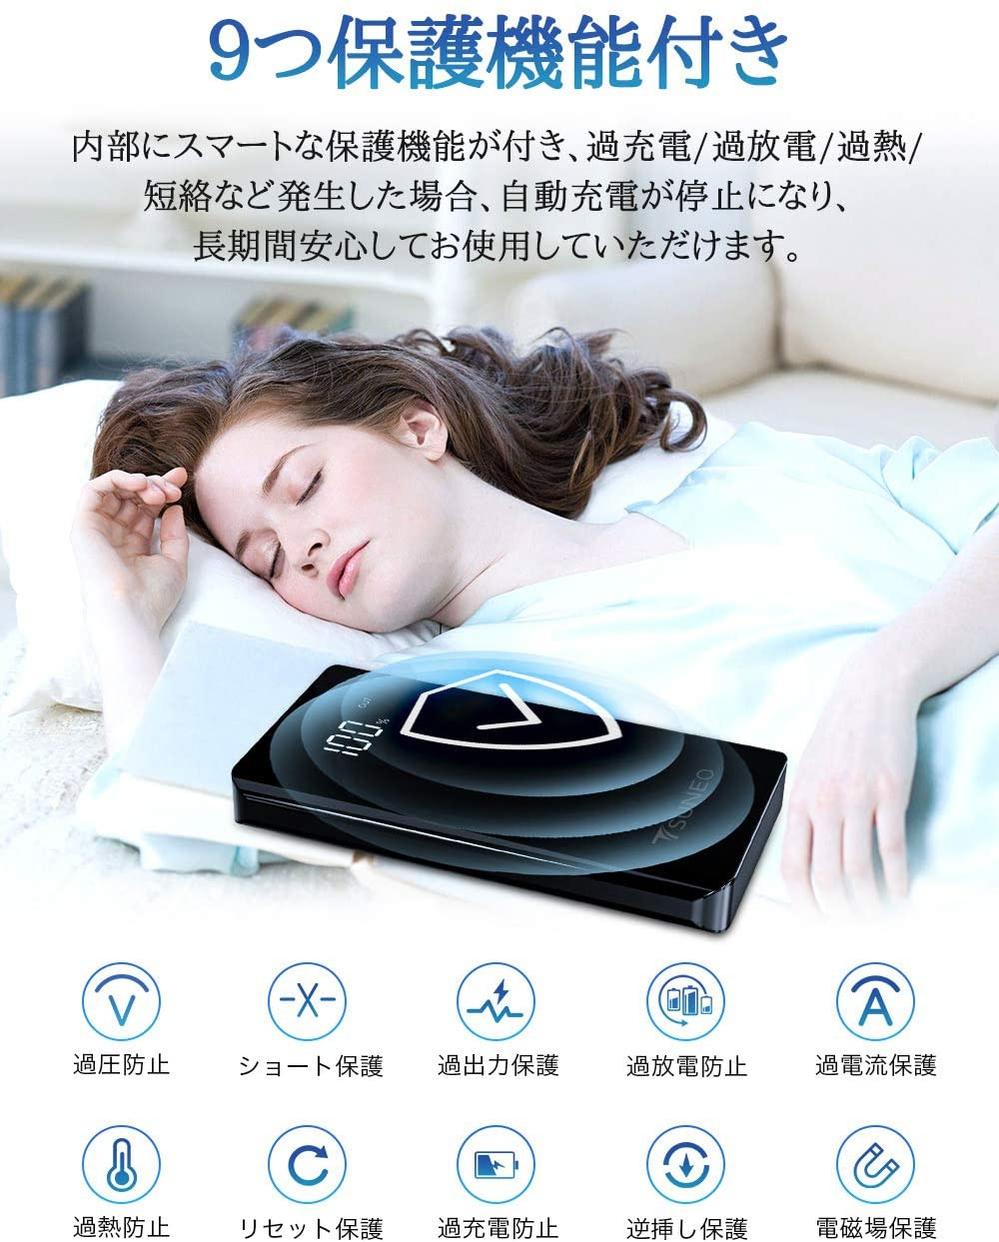 TSUNEO(ツネオ) モバイルバッテリーの商品画像8